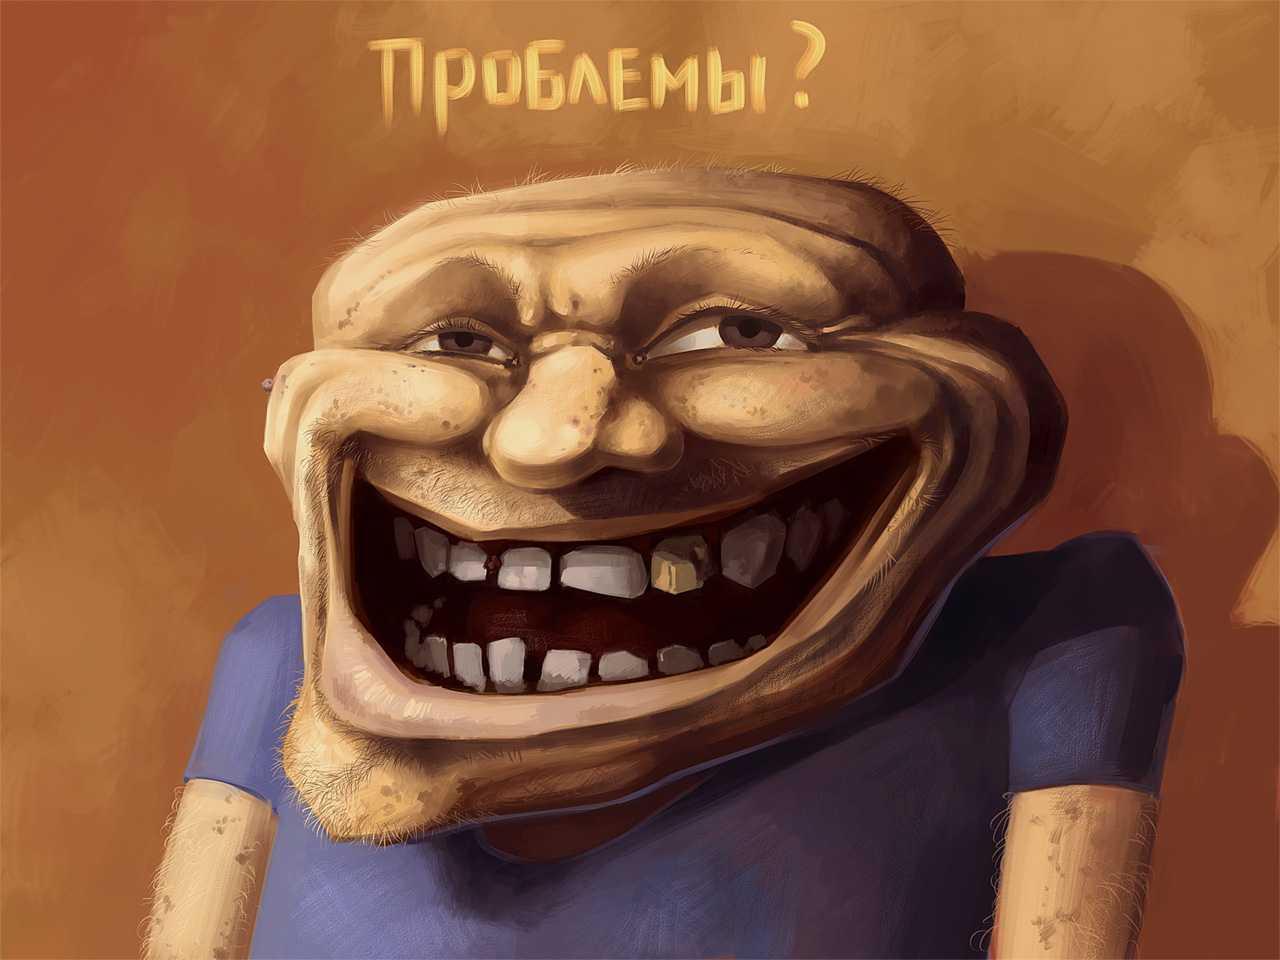 PROPAGANDA RUSA IN ROMÂNIA – adevaruri si mituri. Razboiul informational anti-românesc este despre CONVERSATIA SOCIALA, nu despre NARATIUNI